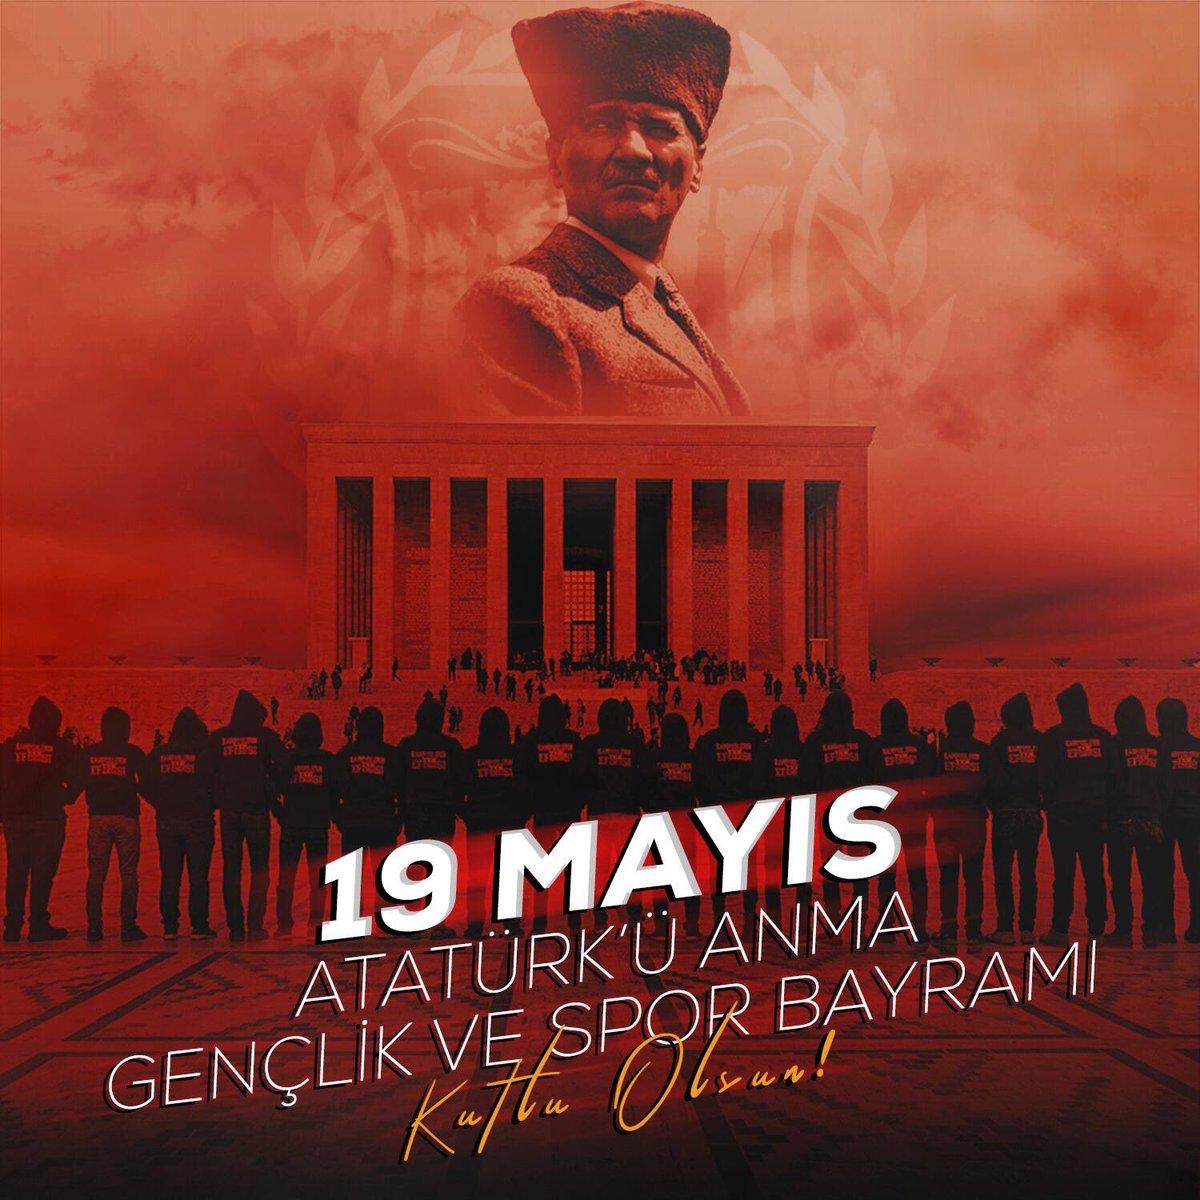 19 MAYIS ATATÜRK'Ü ANMA GENÇLİK VE SPOR BAYRAMIMIZ KUTLU OLSUN! #ultrAslanUNI